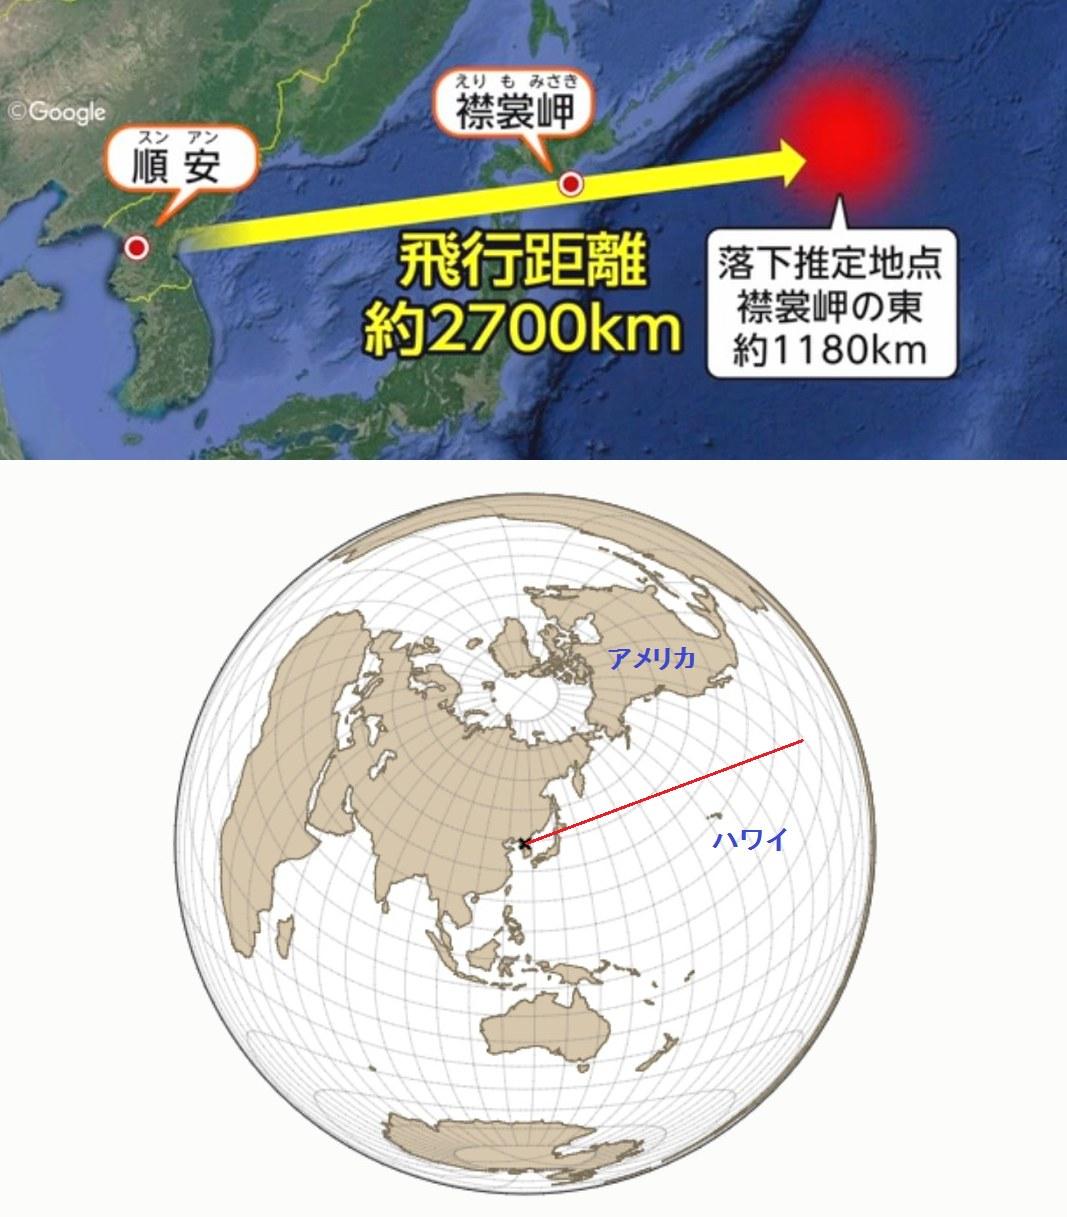 【北朝鮮ミサイル】安倍首相「発射直後から北朝鮮ミサイルの動きは完全に把握」の画像